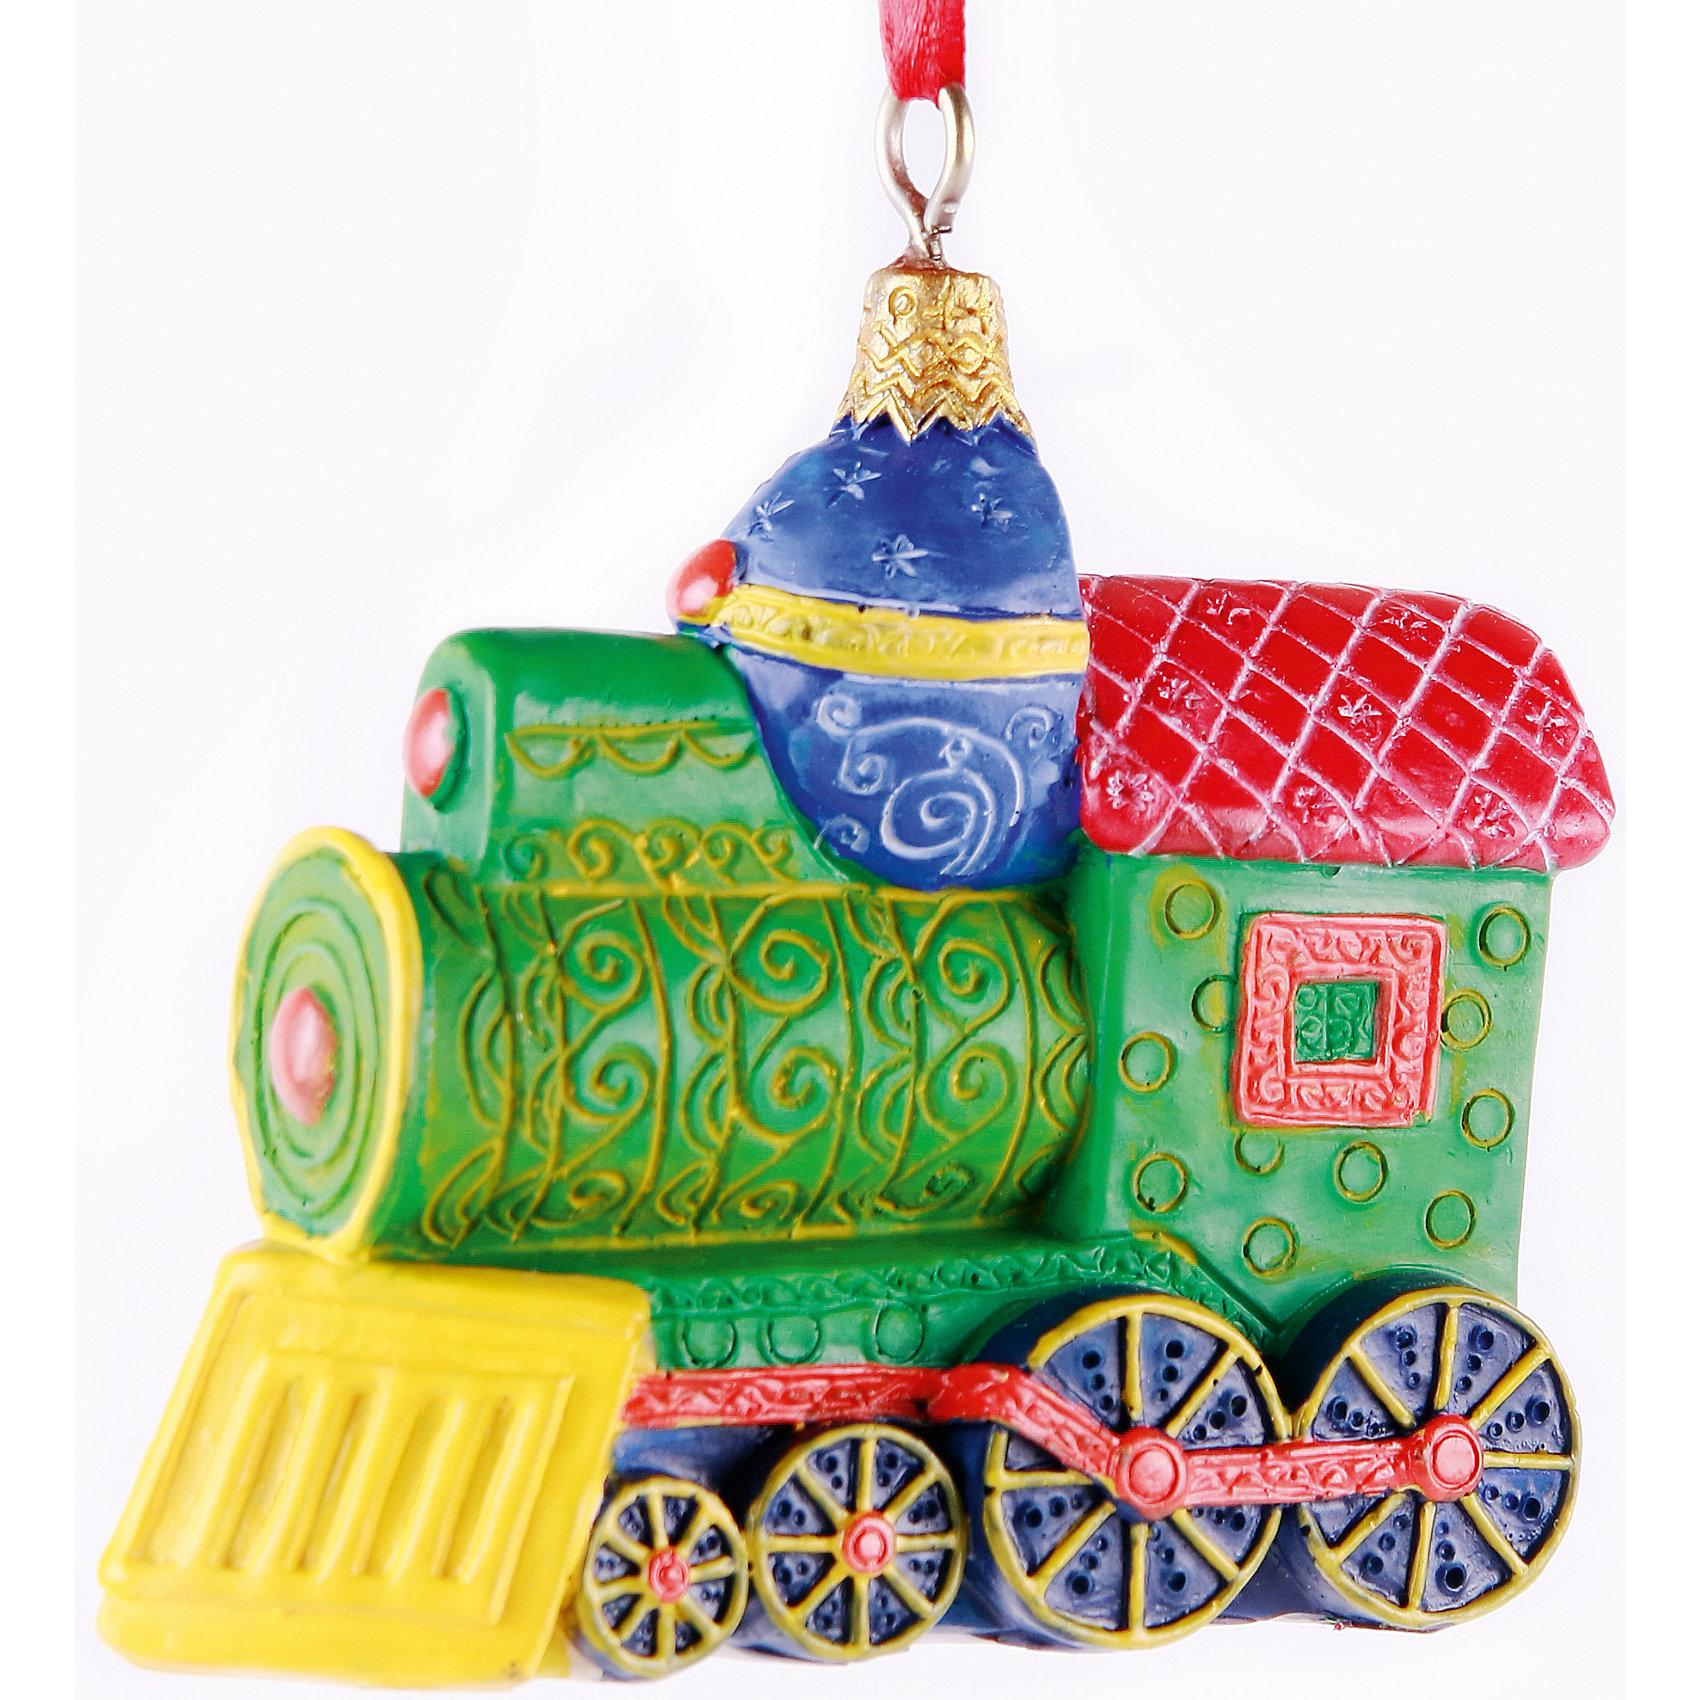 Подвесное украшение Маленький паровозикХарактеристики товара:<br><br>• цвет: разноцветный<br>• материал: полирезина<br>• размер: 7,8 х 3,2 х 7,5 см<br>• комплектация: 1 шт<br>• подарочная модель<br>• с подвесом<br>• страна изготовитель: Китай<br><br>Новогодний праздник невозможен без ёлочных украшений. Этот паровозик от бренда Феникс-Презент станет отличным подарком близким, друзьям или сотрудникам и украсит помещение в новогодние дни! Он отлично смотрится на ёлке и в интерьере.<br>Такие небольшие детали и создают полную праздничную картину наравне с <br>ёлкой и мишурой! Этот паровозик будет создавать праздничное настроение не один год! Изделие производится из качественных и проверенных материалов, которые безопасны для детей.<br><br>Подвесное украшение Маленький паровозик от бренда Феникс-Презент можно купить в нашем интернет-магазине.<br><br>Ширина мм: 78<br>Глубина мм: 32<br>Высота мм: 75<br>Вес г: 90<br>Возраст от месяцев: 60<br>Возраст до месяцев: 600<br>Пол: Унисекс<br>Возраст: Детский<br>SKU: 5144712